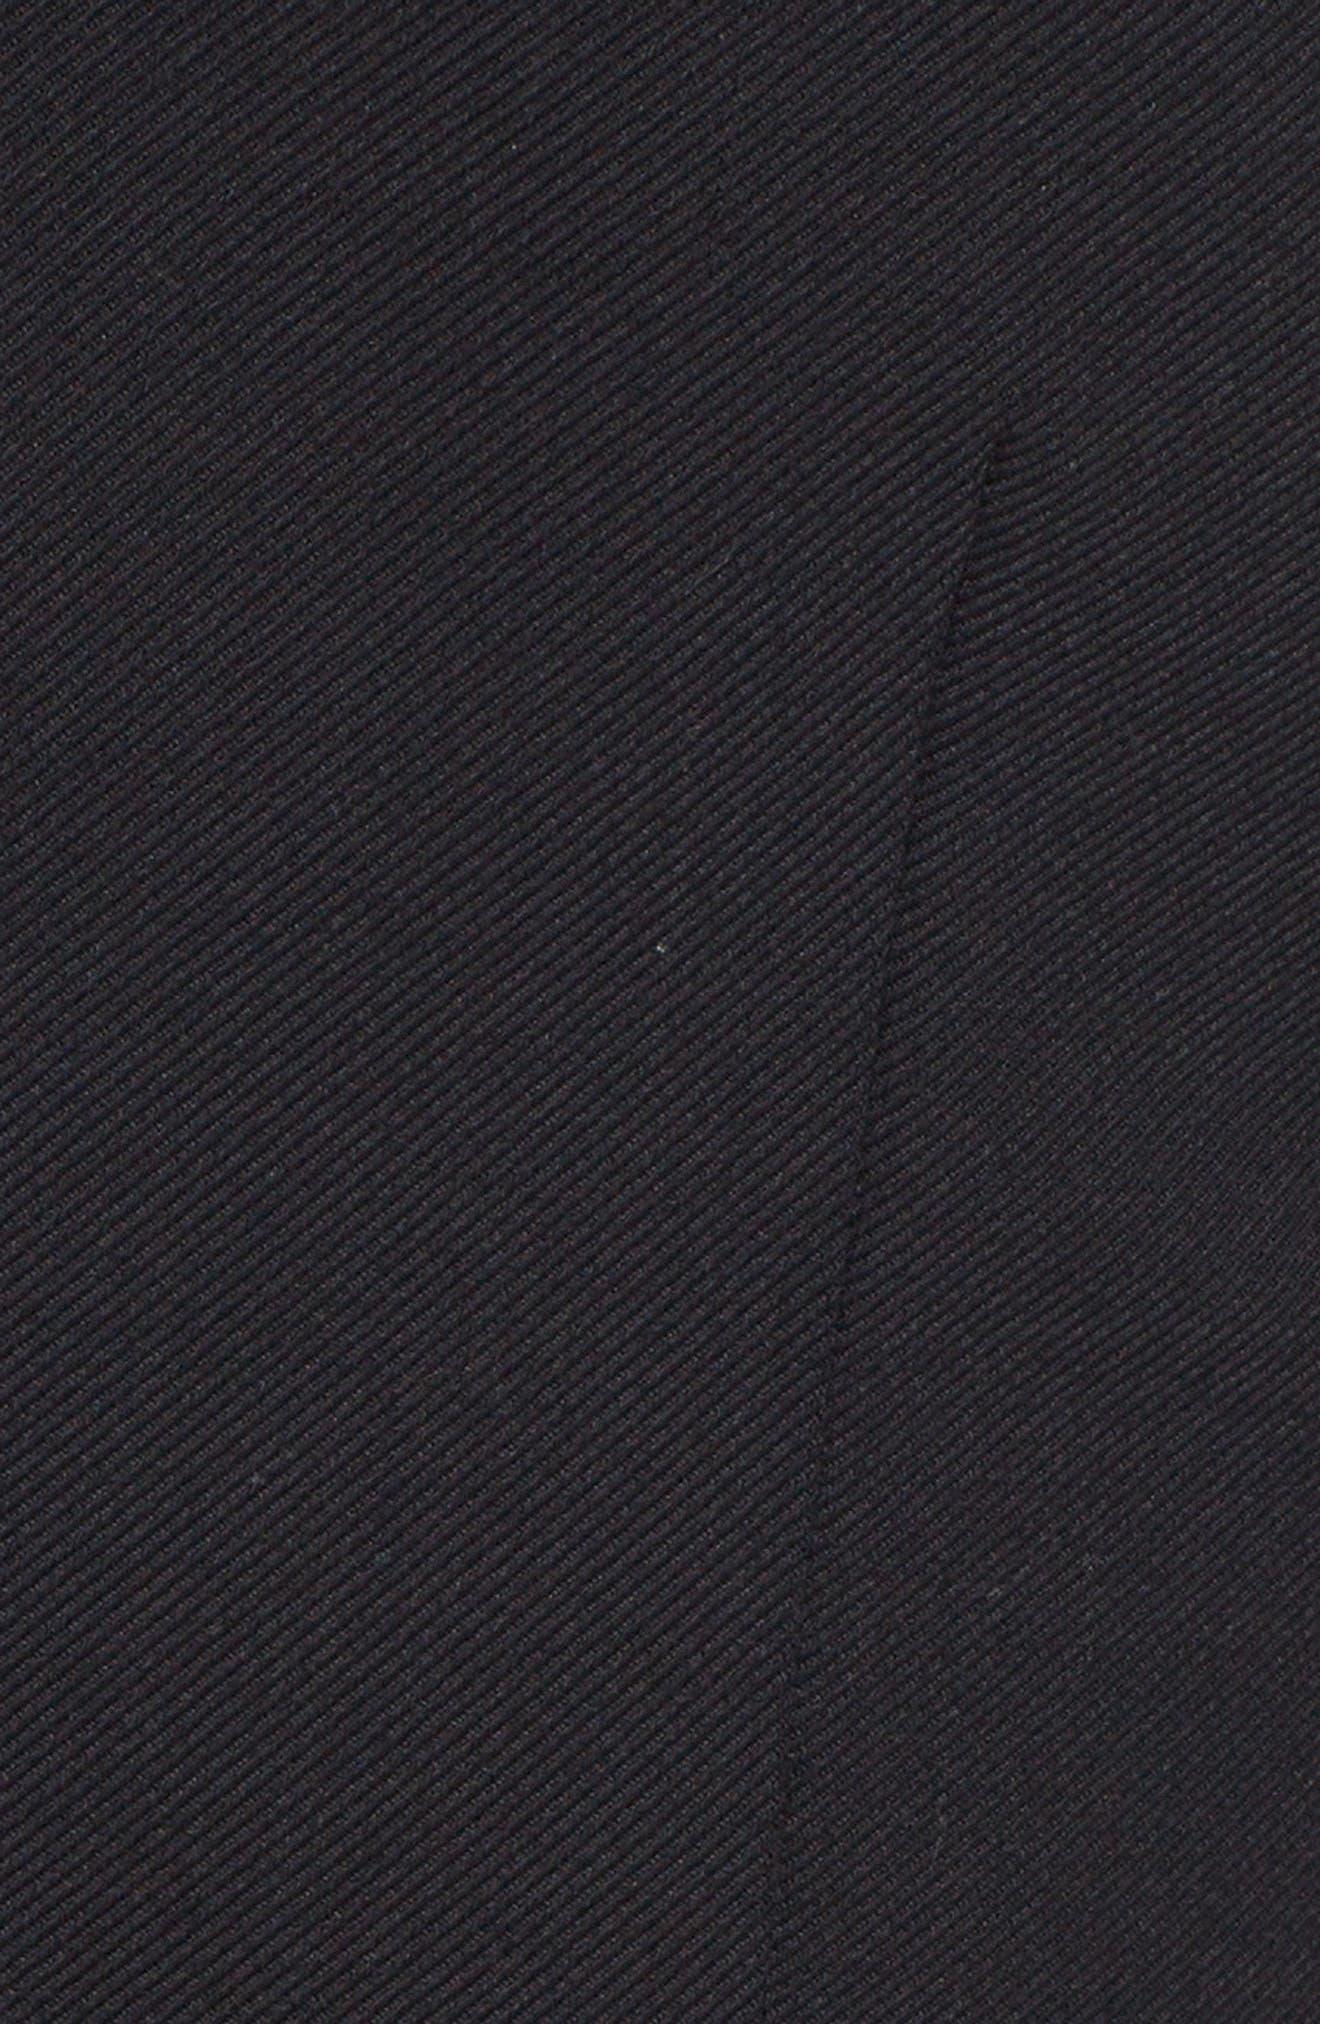 Velvet Bow Detail Stretch Dress,                             Alternate thumbnail 5, color,                             BLACK